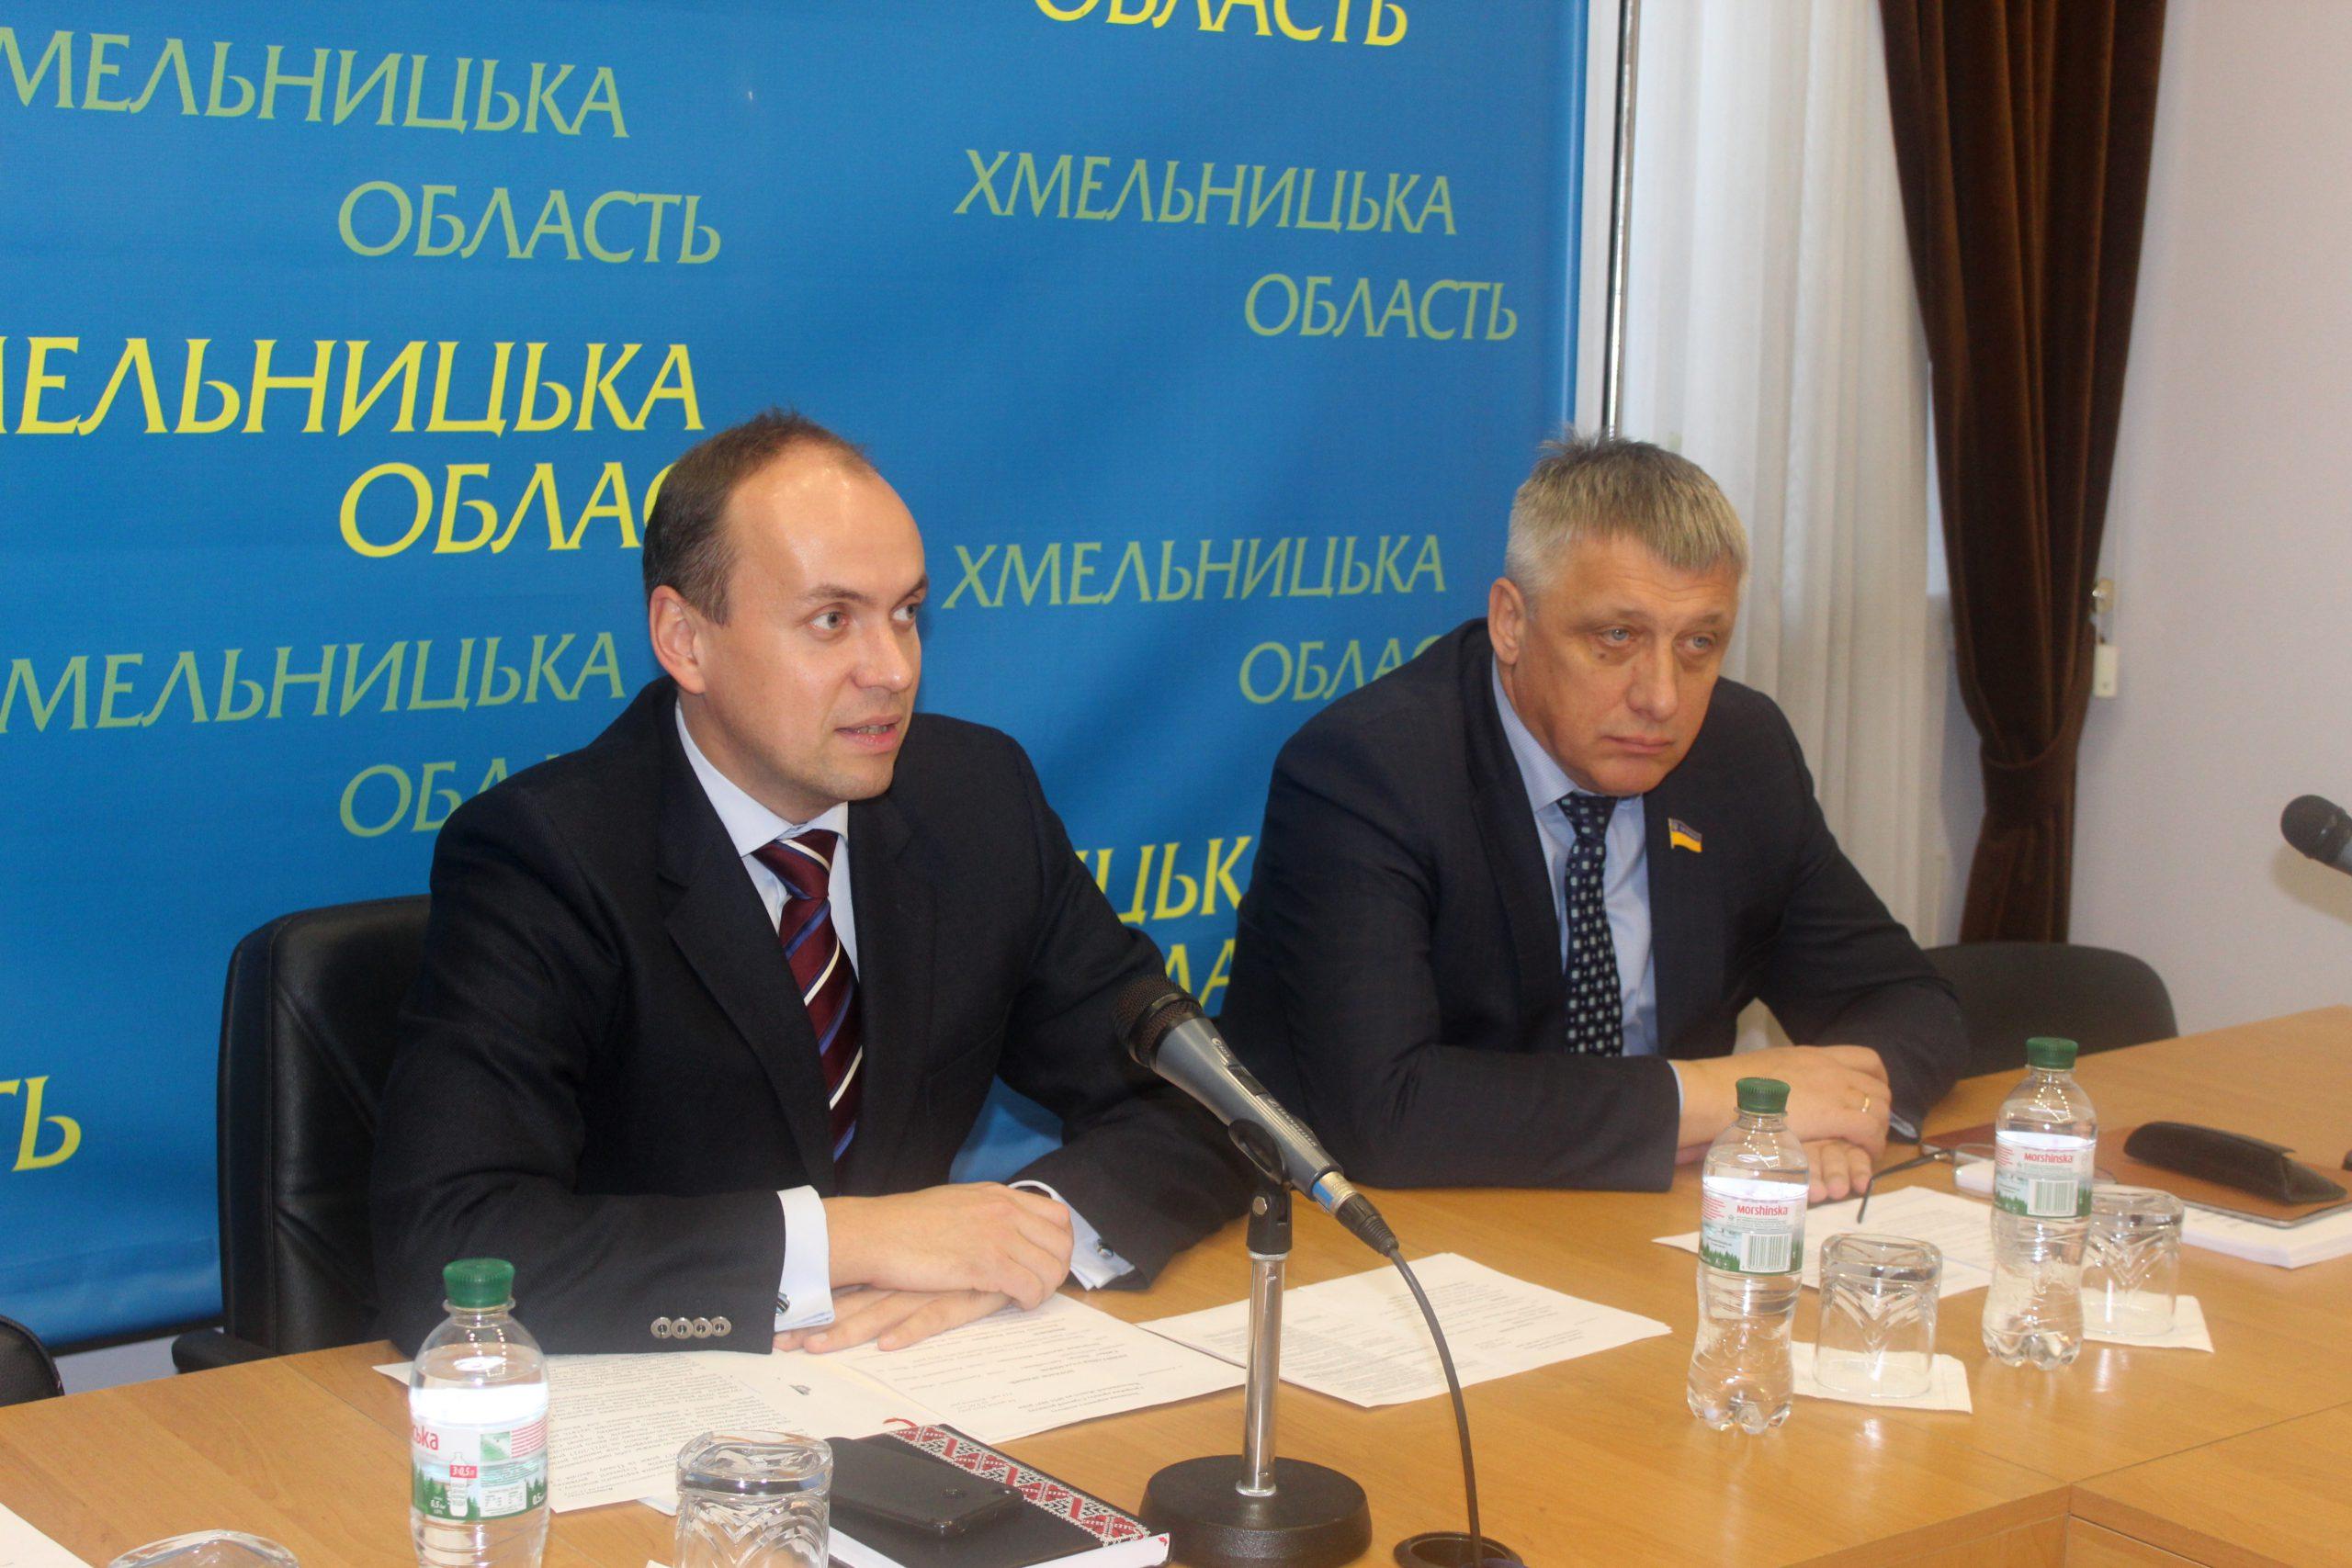 Відбулася презентація та обговорення проєктів Стратегії розвитку Хмельницької  області на 2021-2027 роки